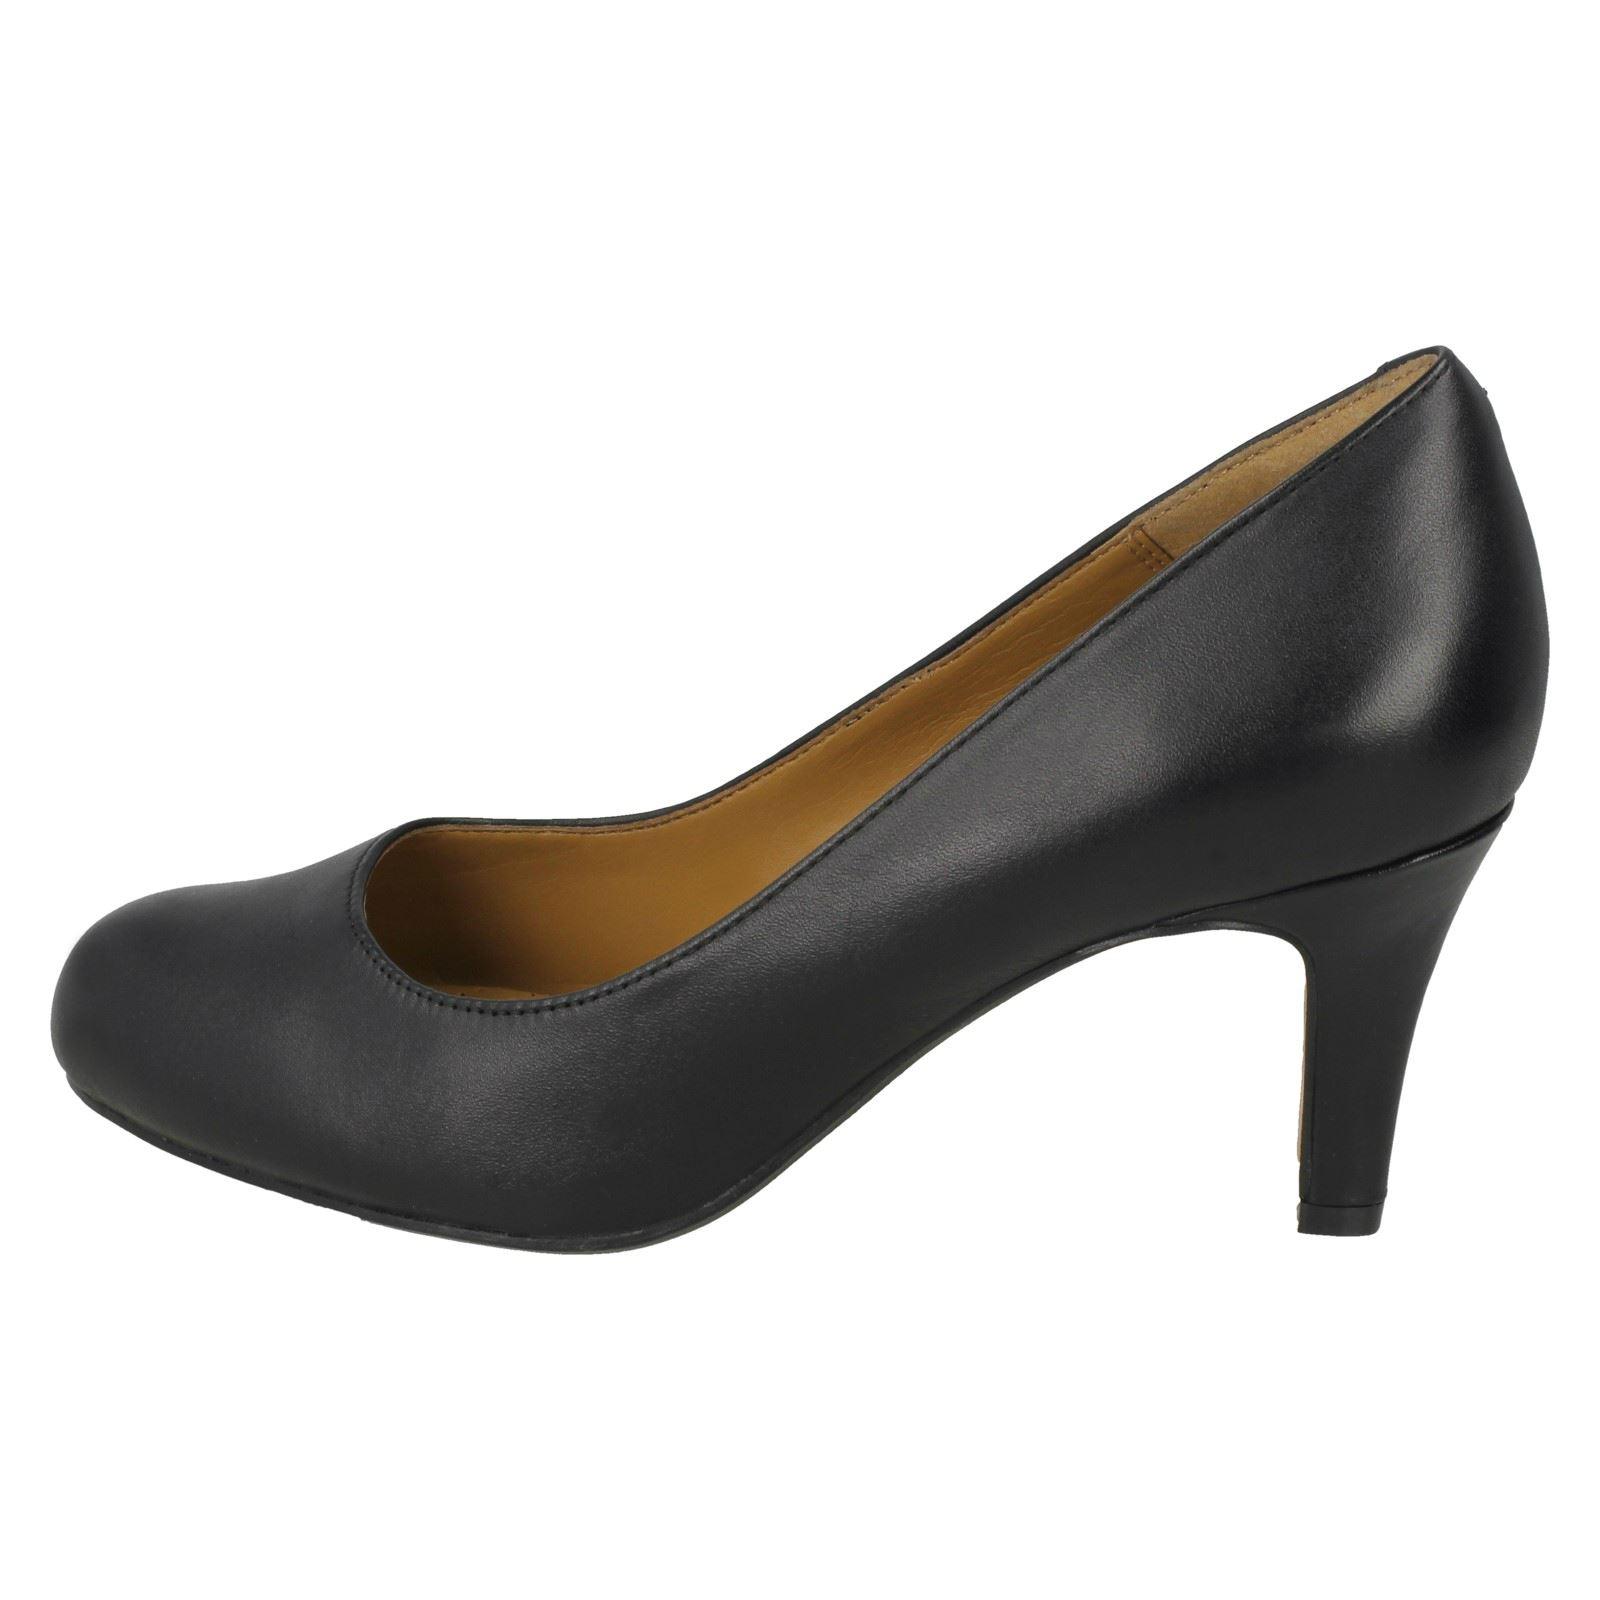 De Mujer Zapatos Clarks Mujer De Zapatos Clarks Salón Salón nqP0xv1HIw